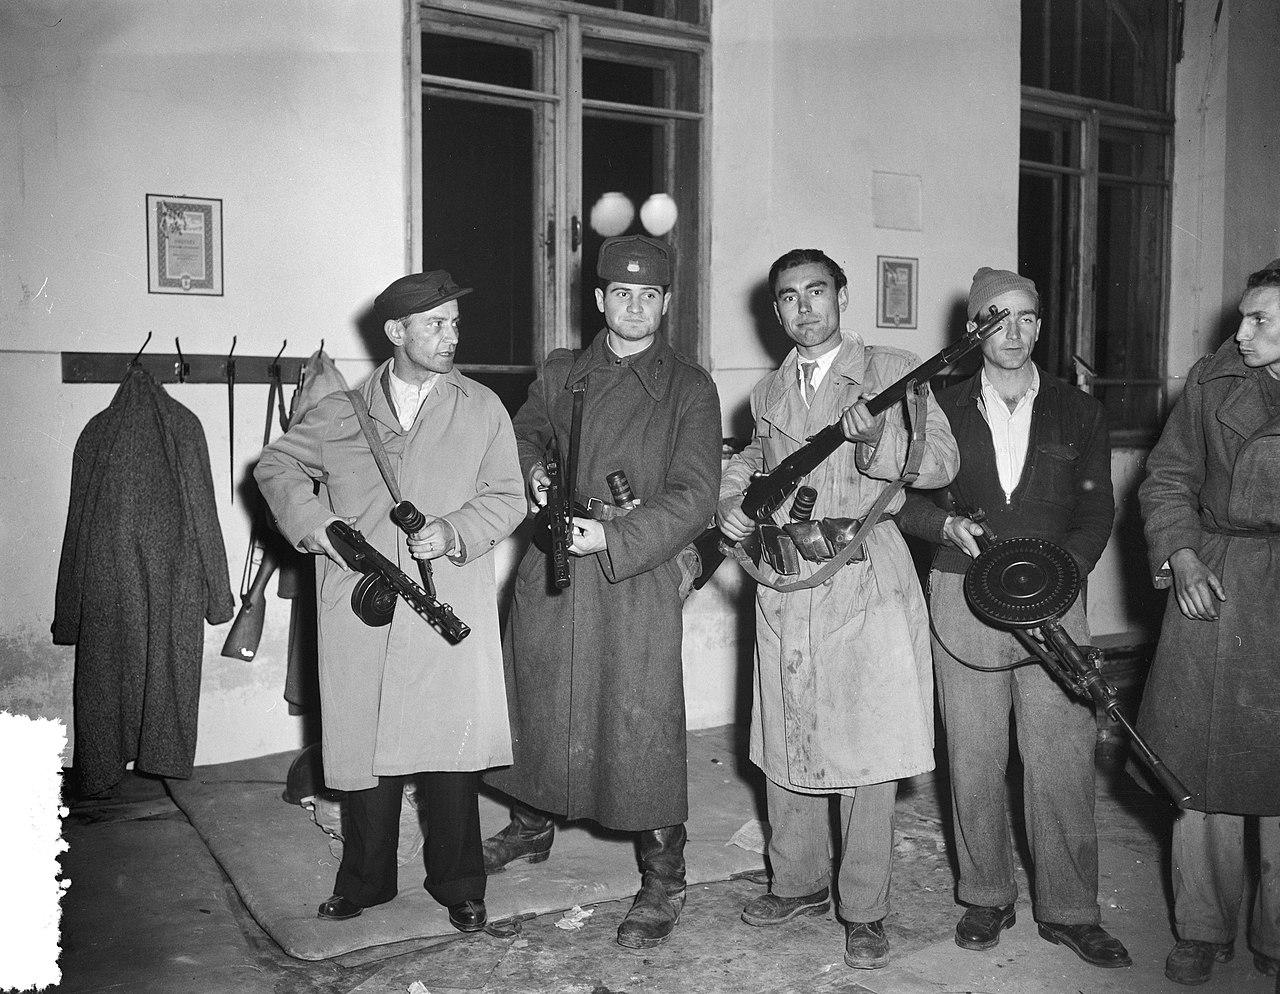 Utolsó képek Budapestről sorozat – Főhadiszállás a Margitszigeten, '56 november 2. Fotó: Joop van Bilsen/ Anefo